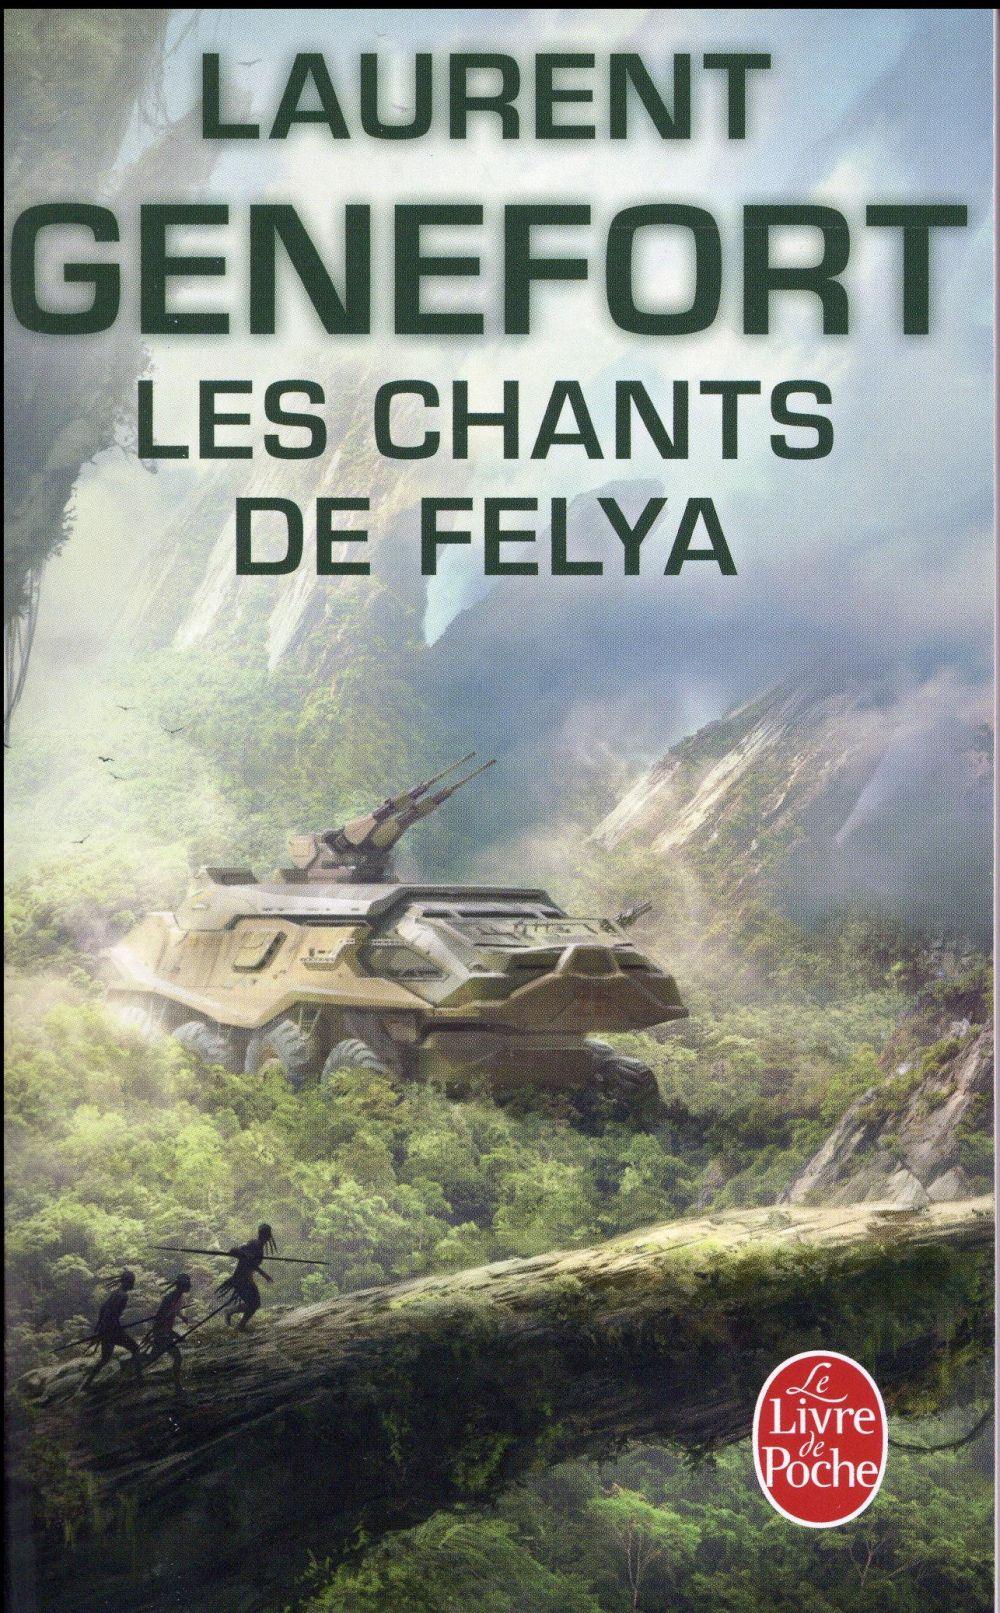 LES CHANTS DE FELYA